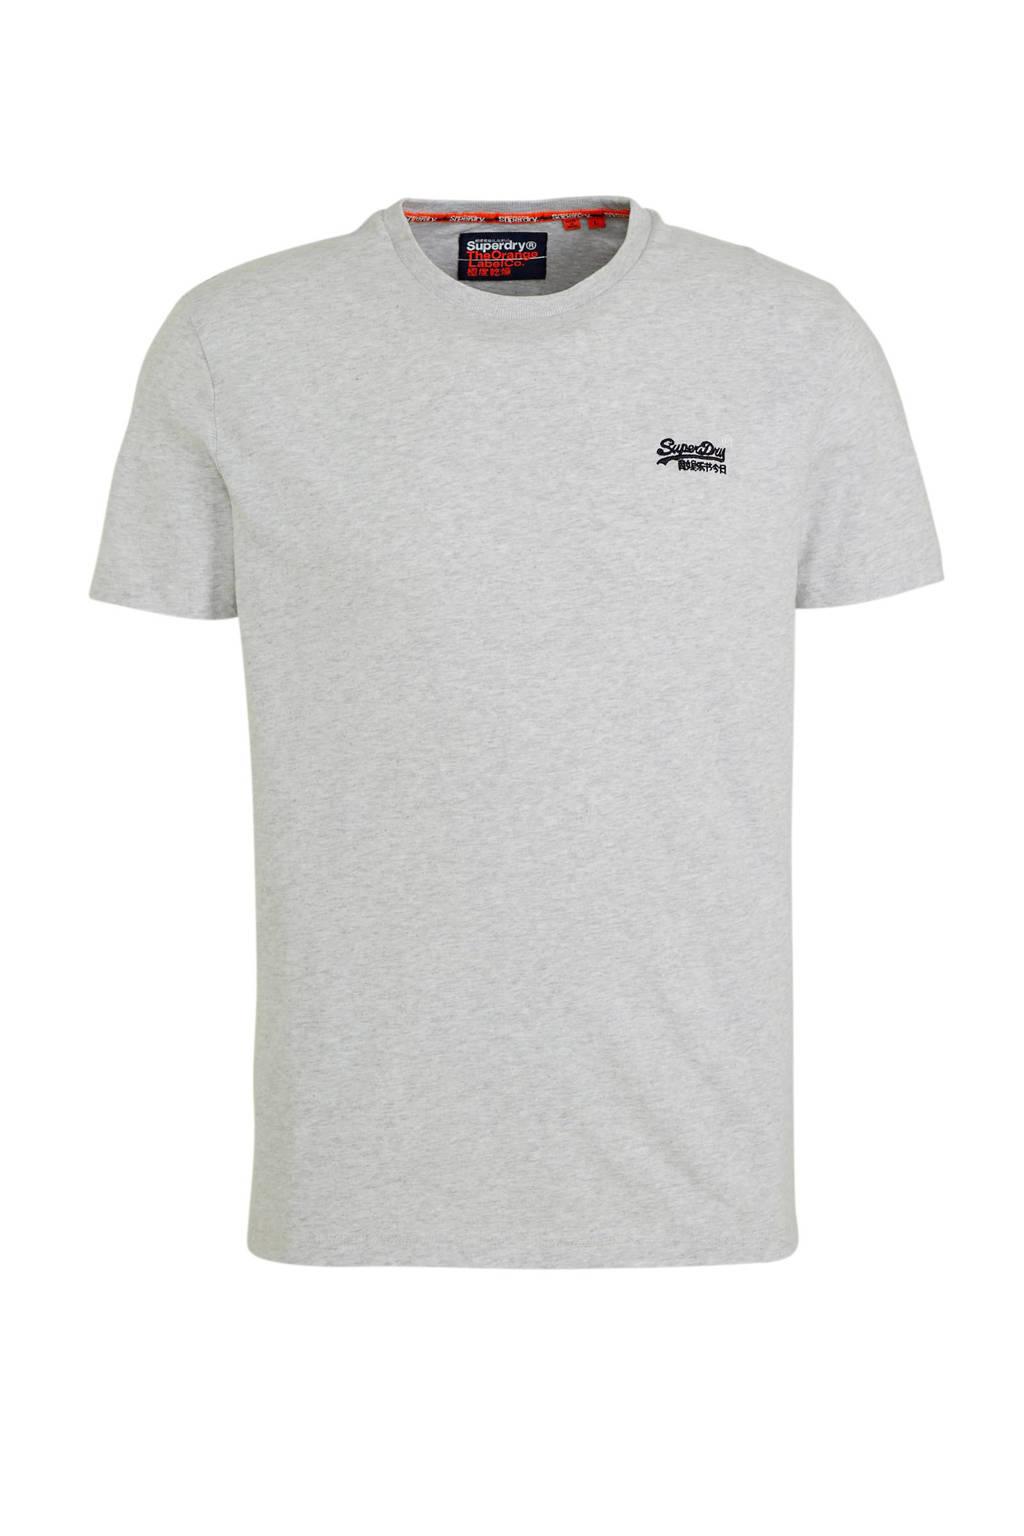 Superdry T-shirt ecru, Ecru